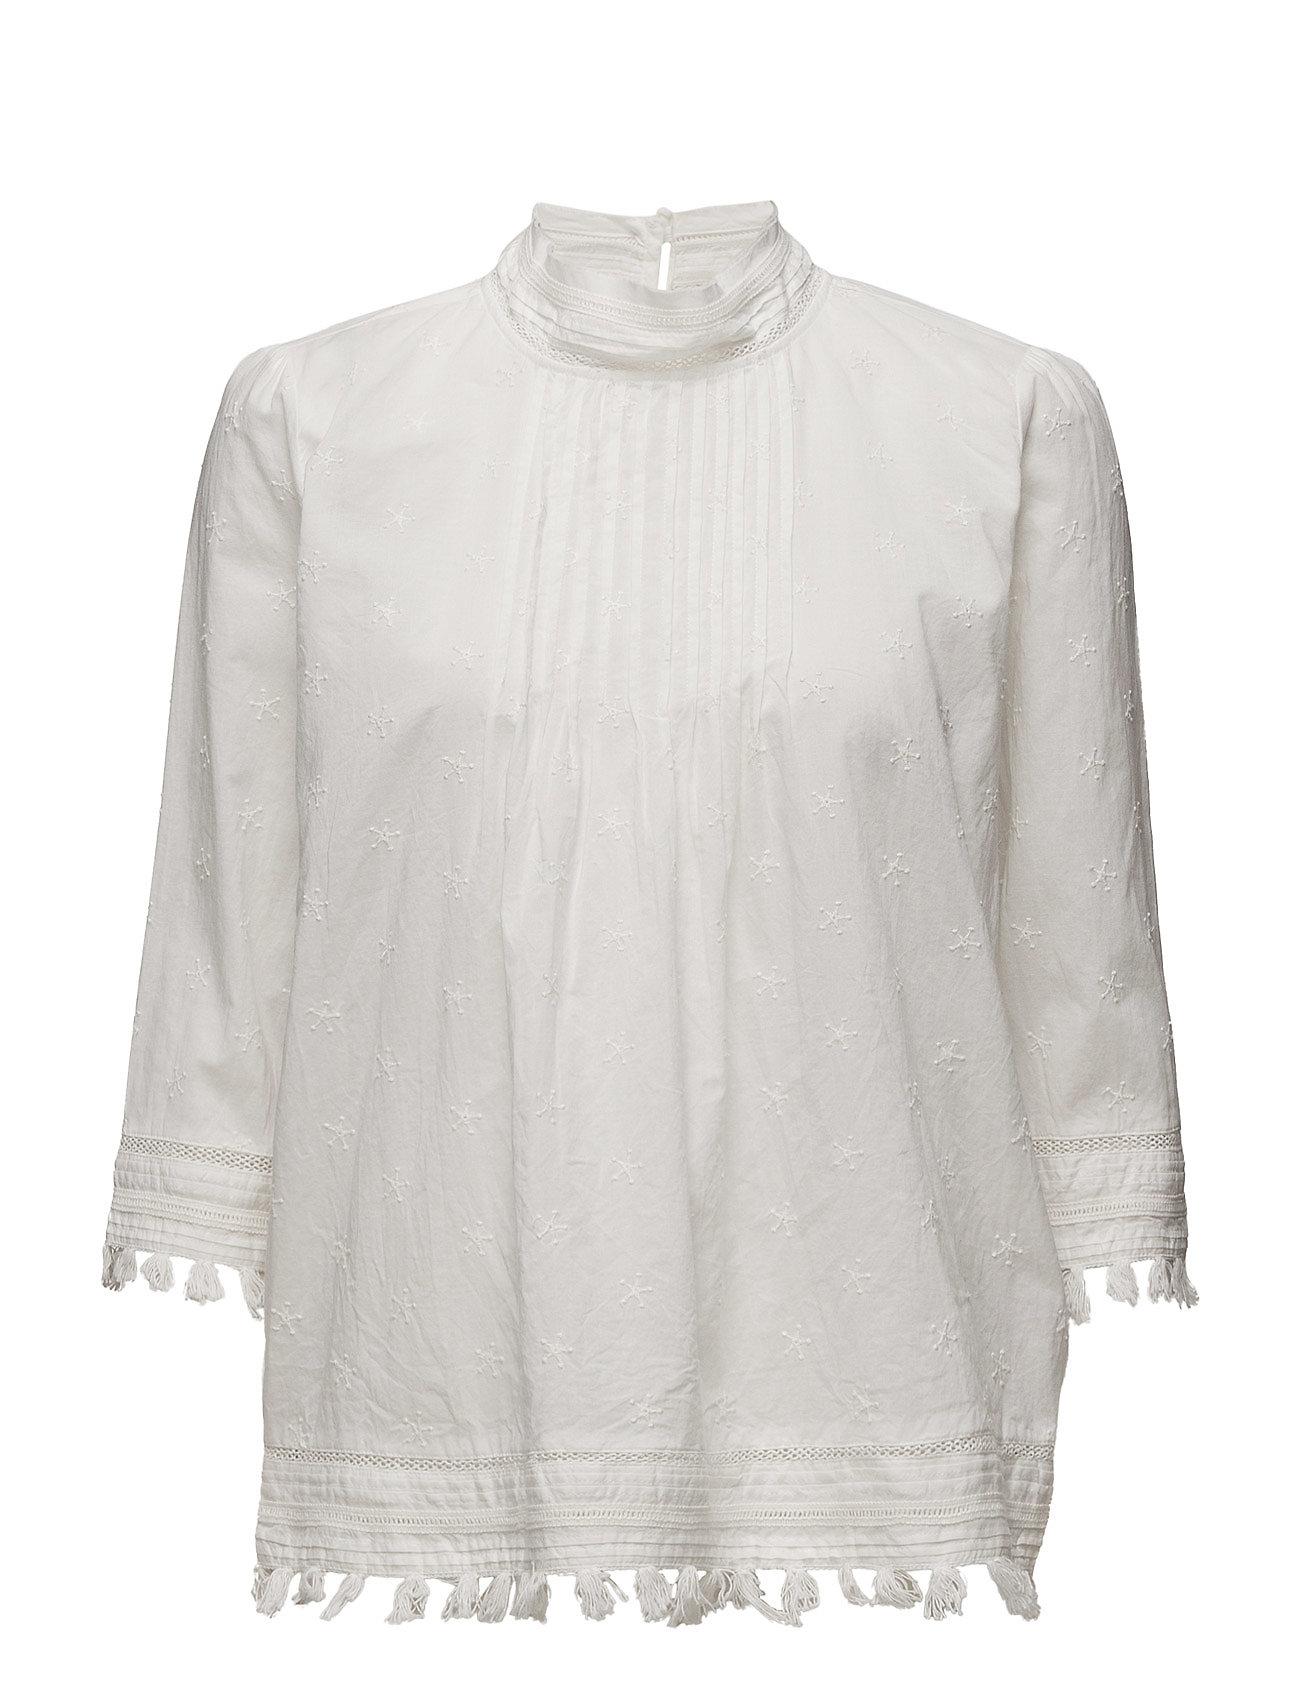 3/4 Sleeve Woven Top With Embroidered Star Allover Maison Scotch Langærmede til Kvinder i Off White